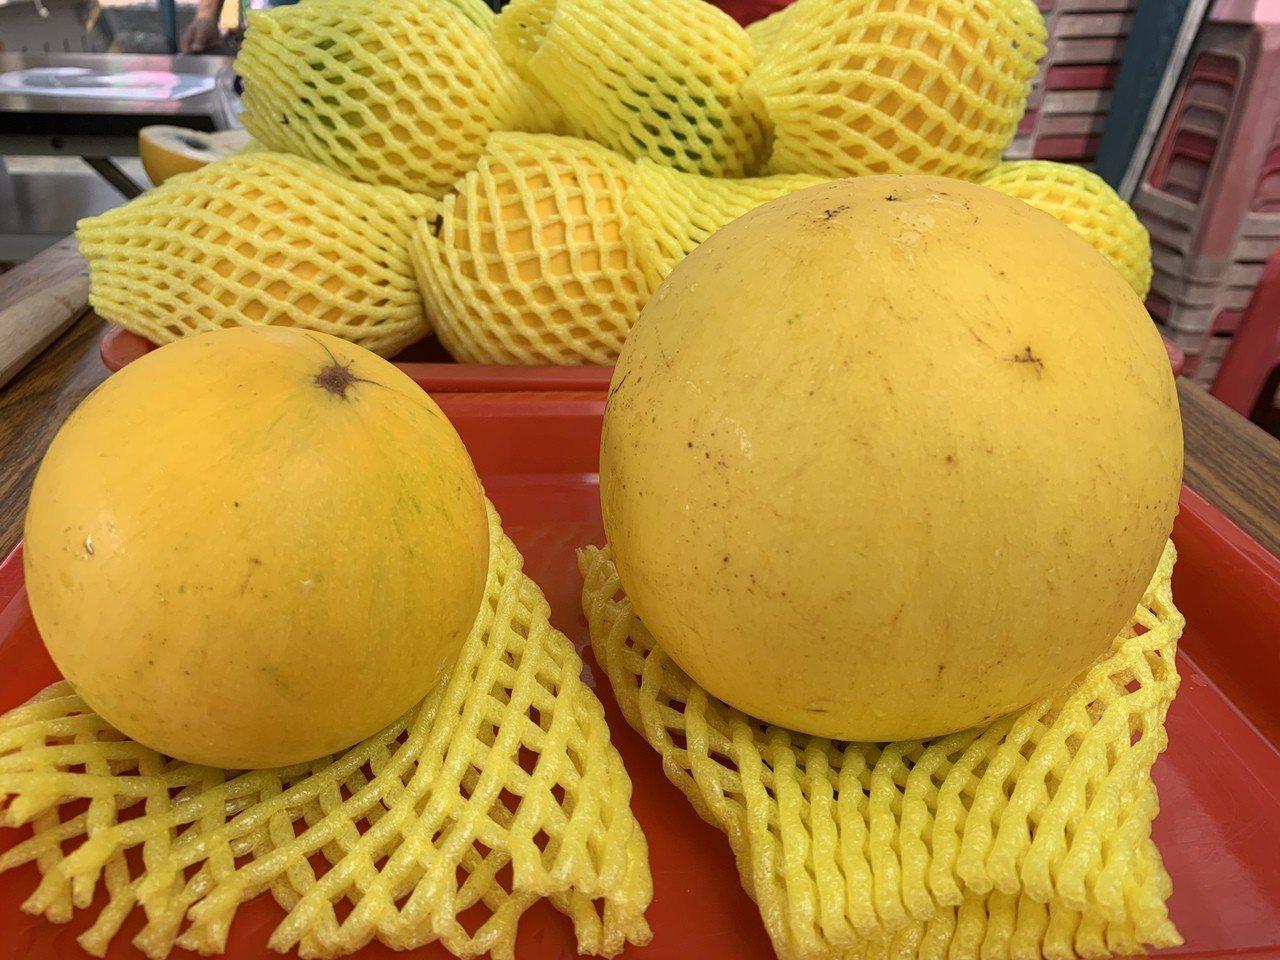 這顆超大黃金果(右)可達兩台斤重,一顆就可以賣到400元。記者翁禎霞/攝影